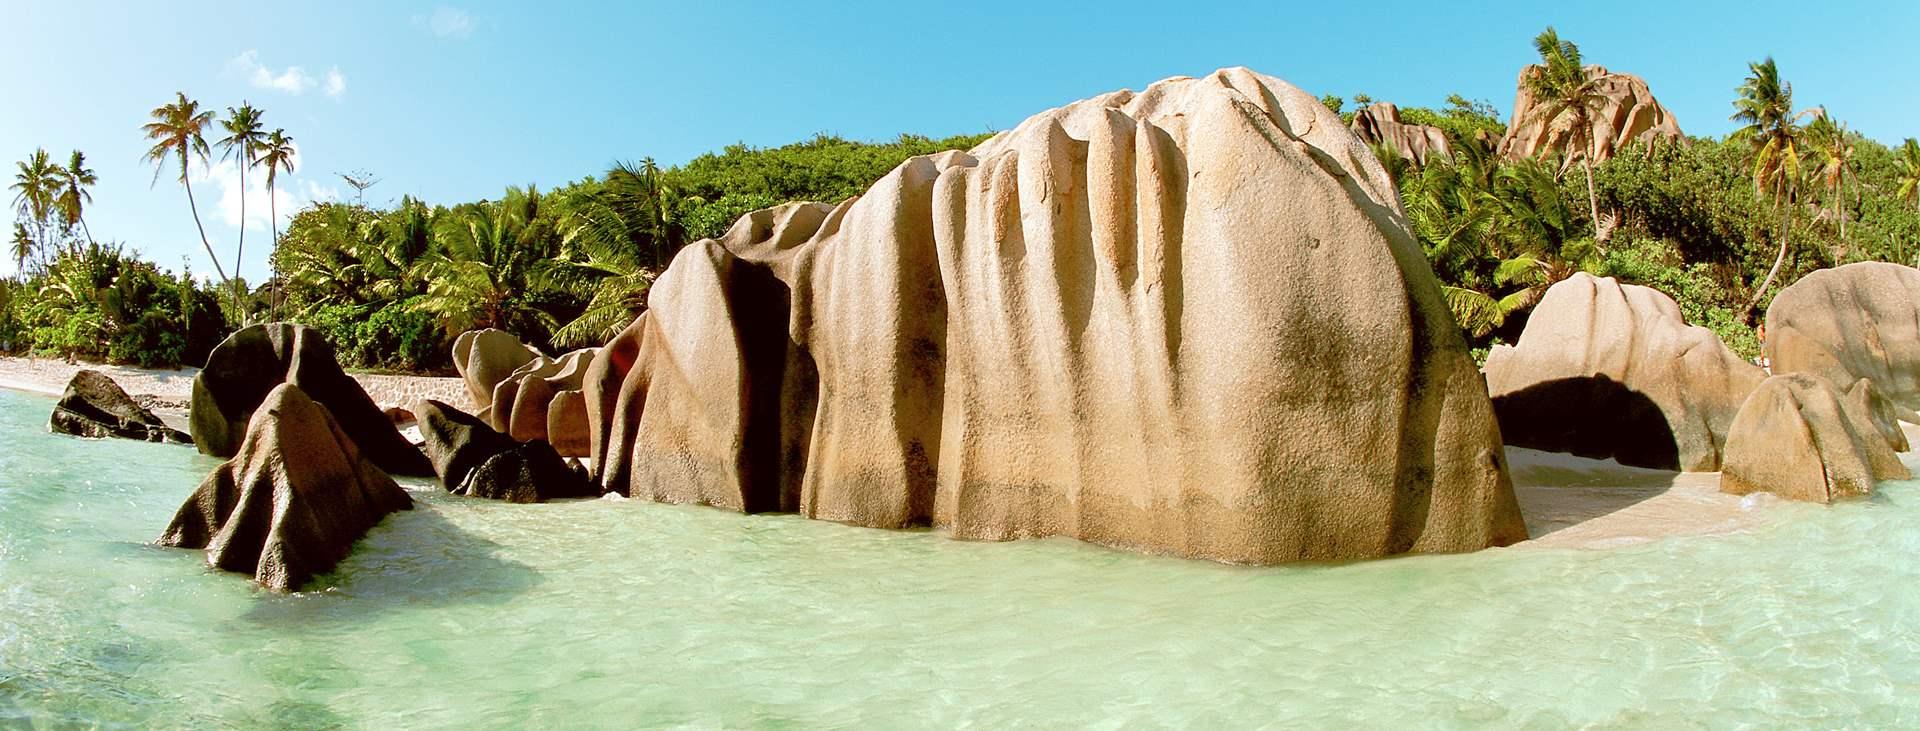 Bestill en reise med Ving til La Digue på Seychellene